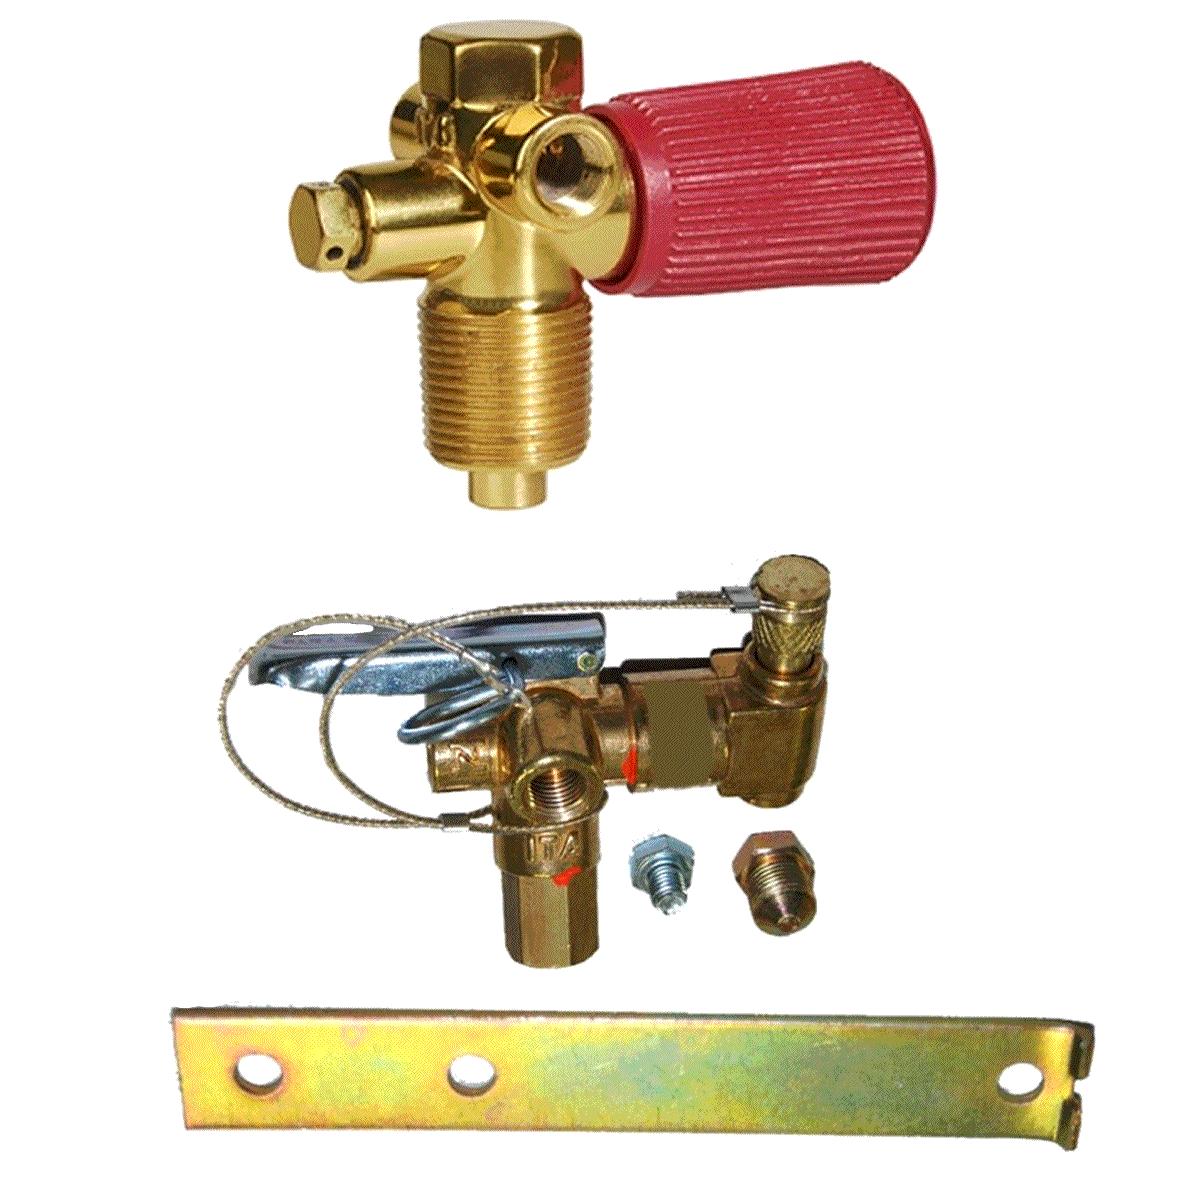 Kit Pressor e Tury 3ª Geração Variador Sonda Chave Emulador 2 Válvulas ...